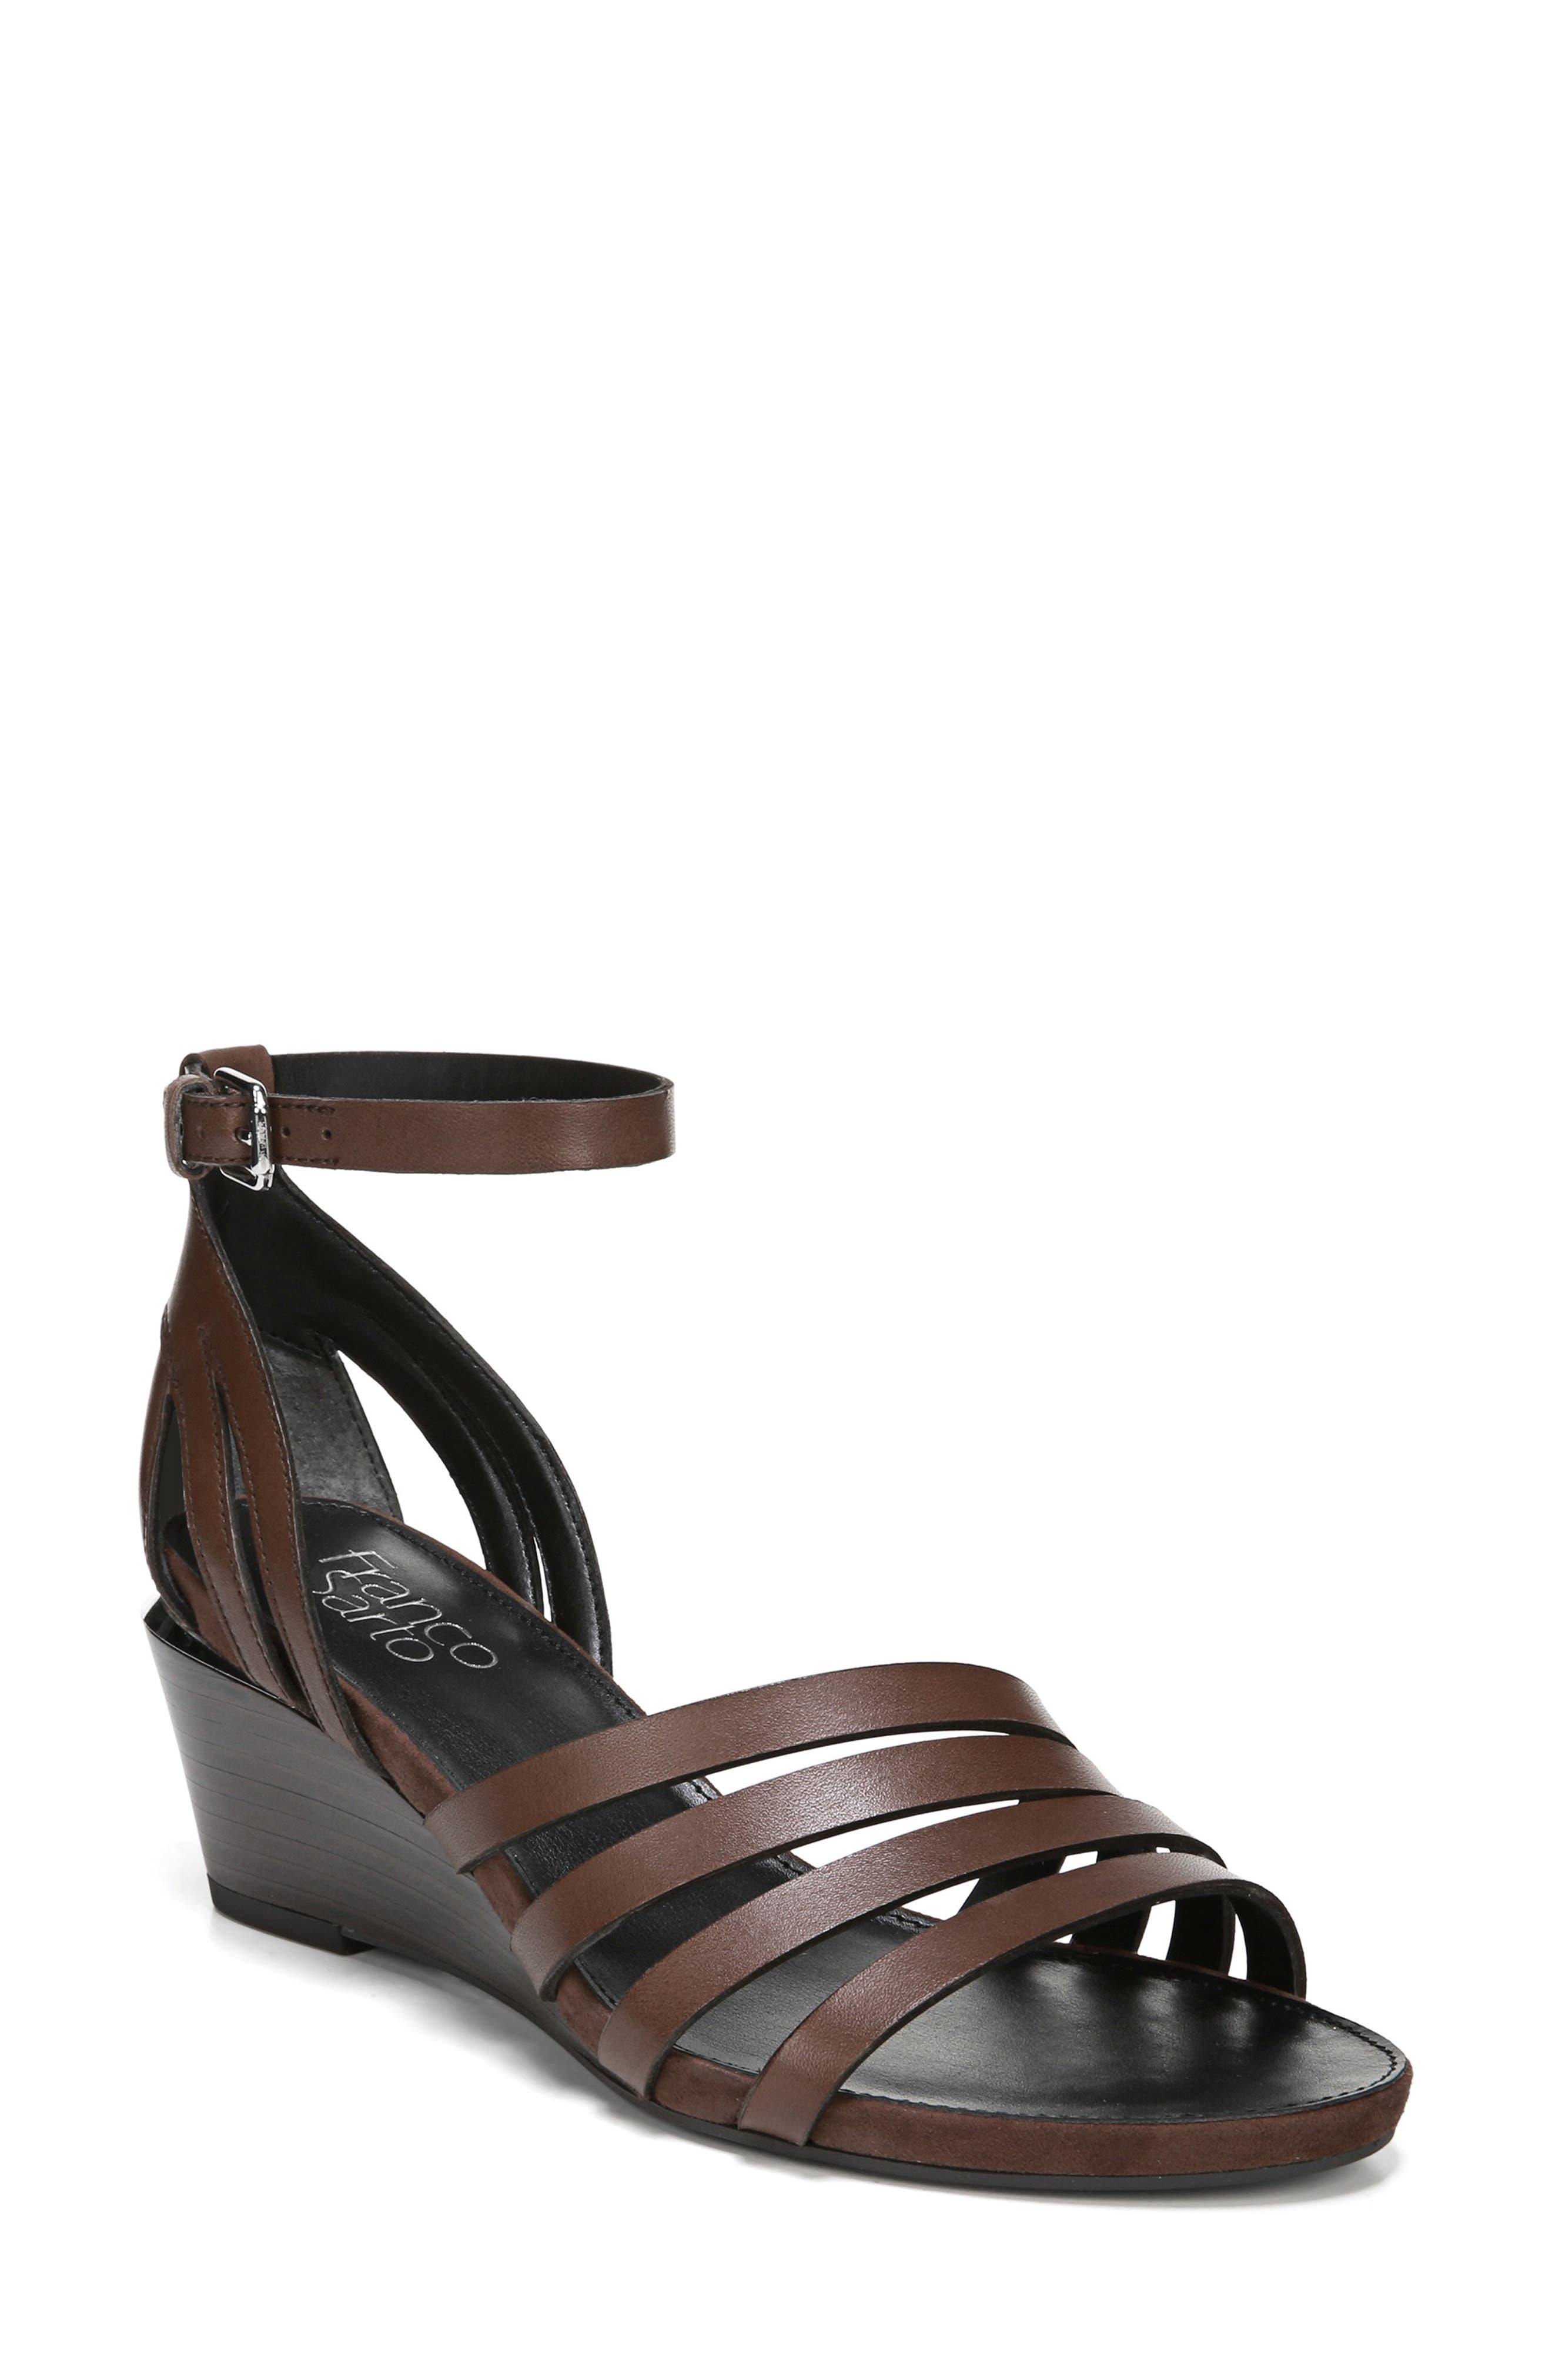 69ada69ce3af5 Franco Sarto Della Ankle Strap Wedge Sandal- Brown